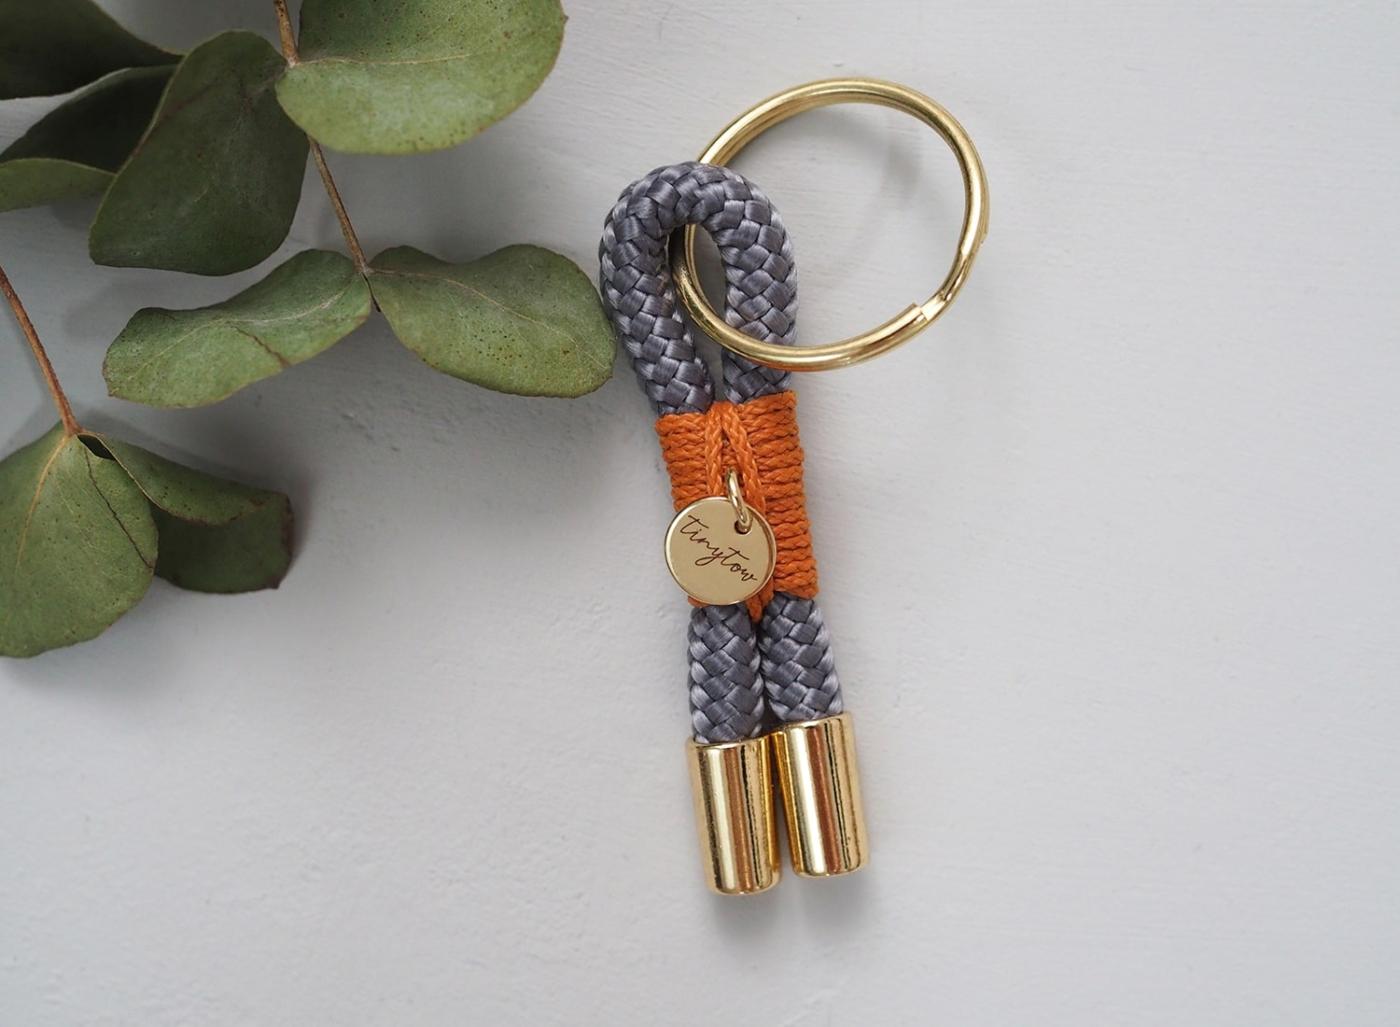 Schlüsselanhänger aus Tauseil in grau mit camelfarbener Umwickelung und goldenen Details.